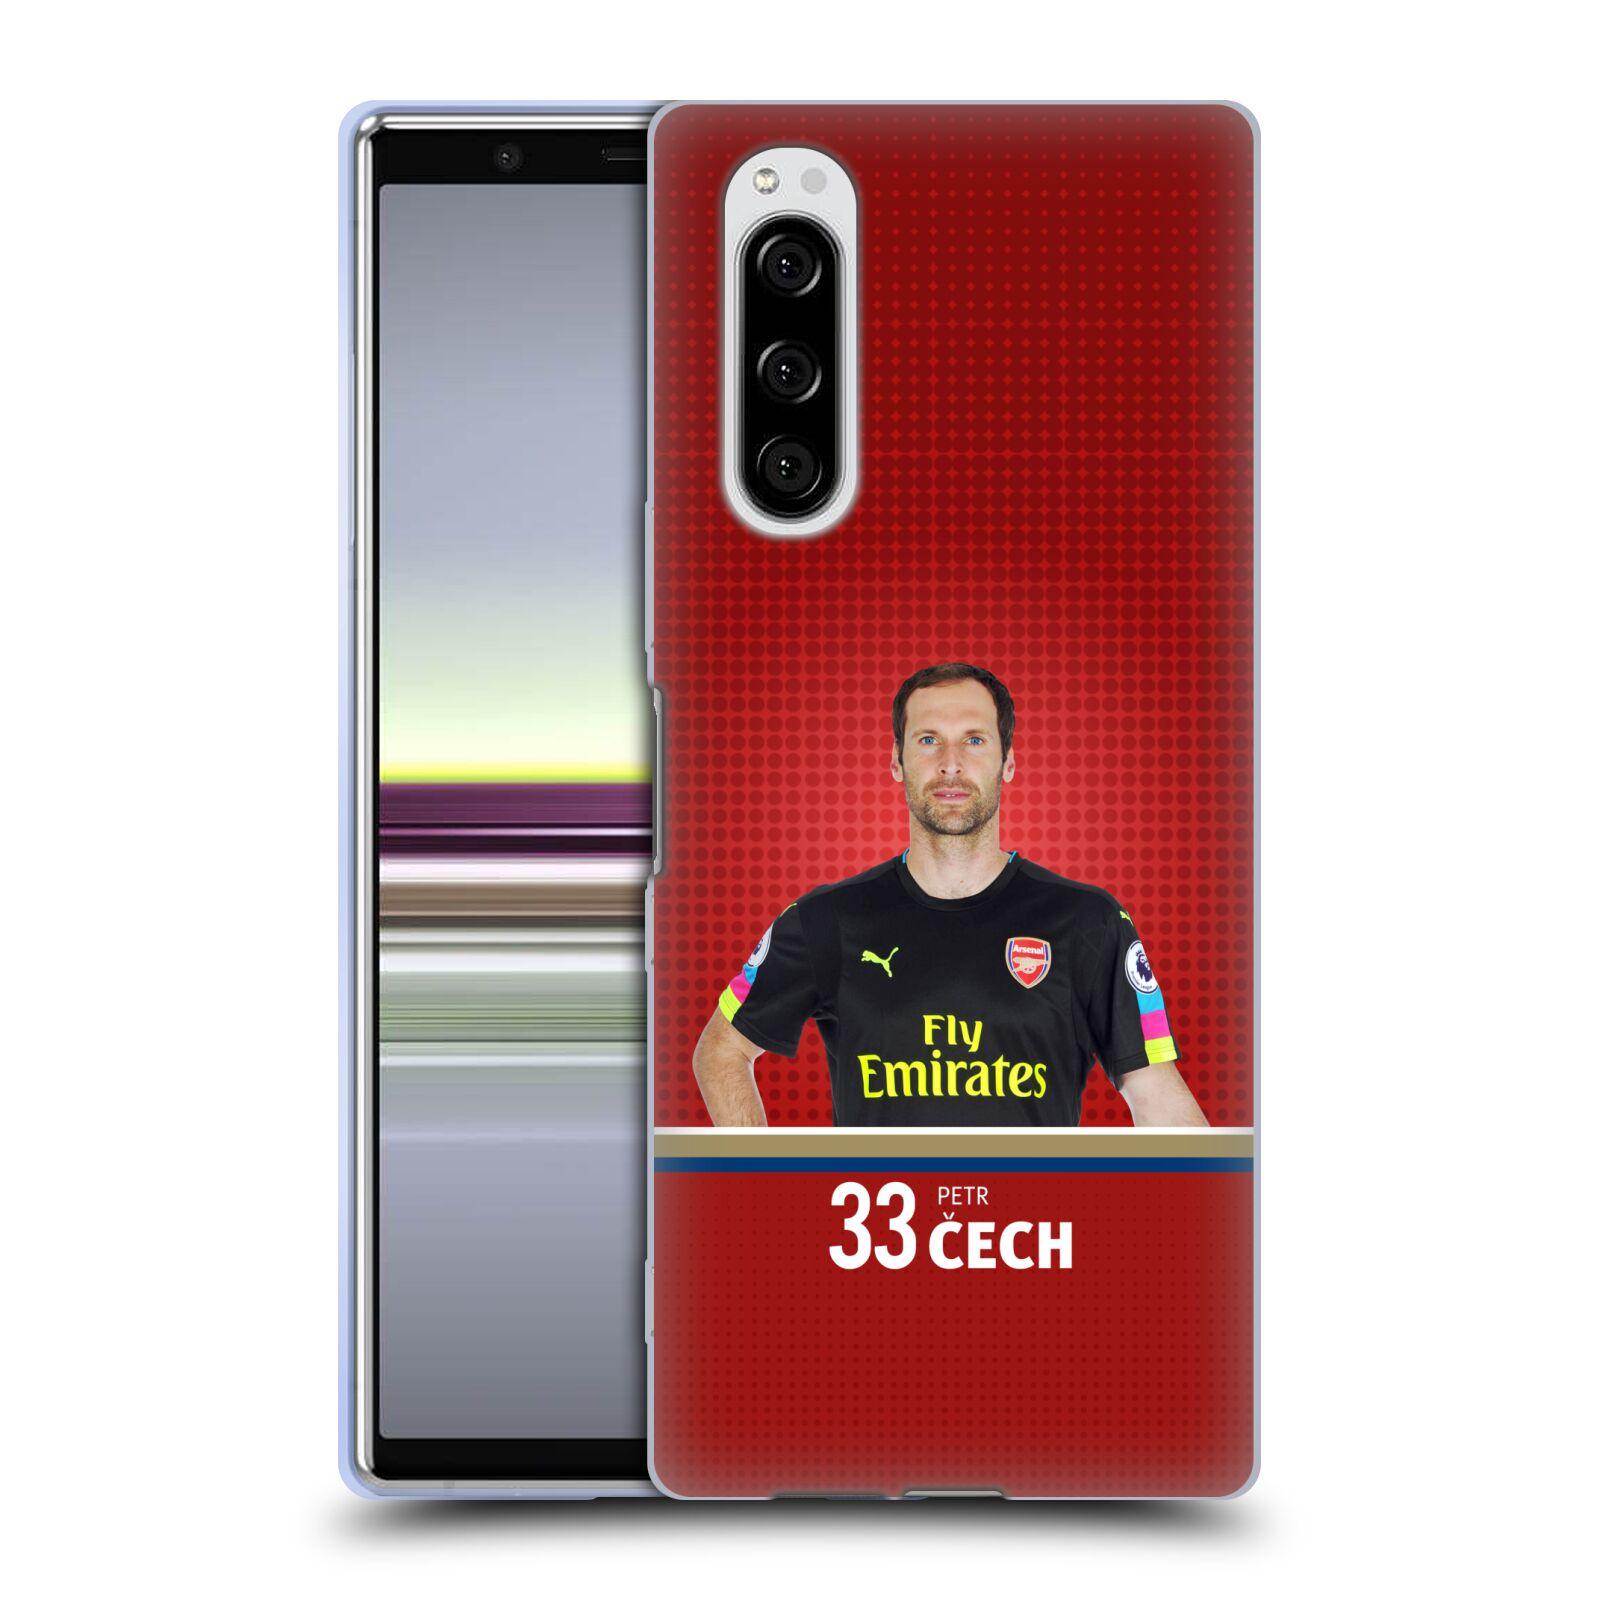 Silikonové pouzdro na mobil Sony Xperia 5 - Head Case - Arsenal FC - Petr Čech